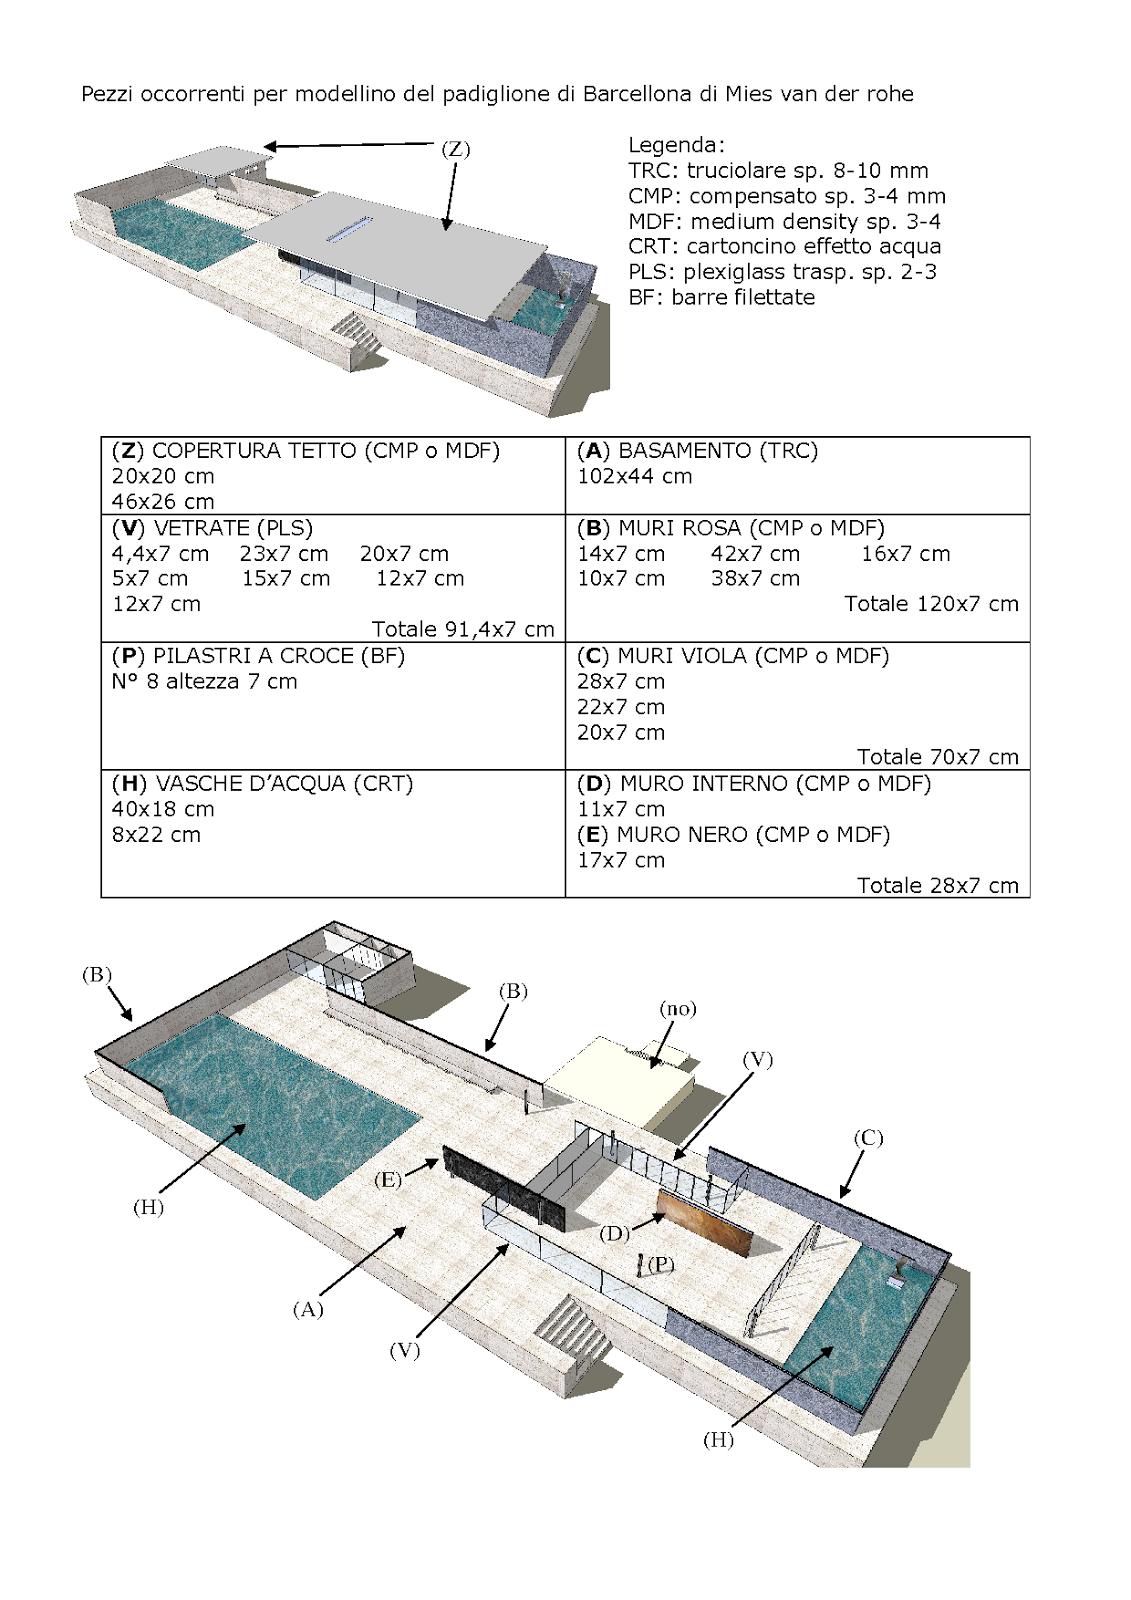 Il padiglione a barcellona di mies van der rohe idee per for Inquadratura del tetto del padiglione